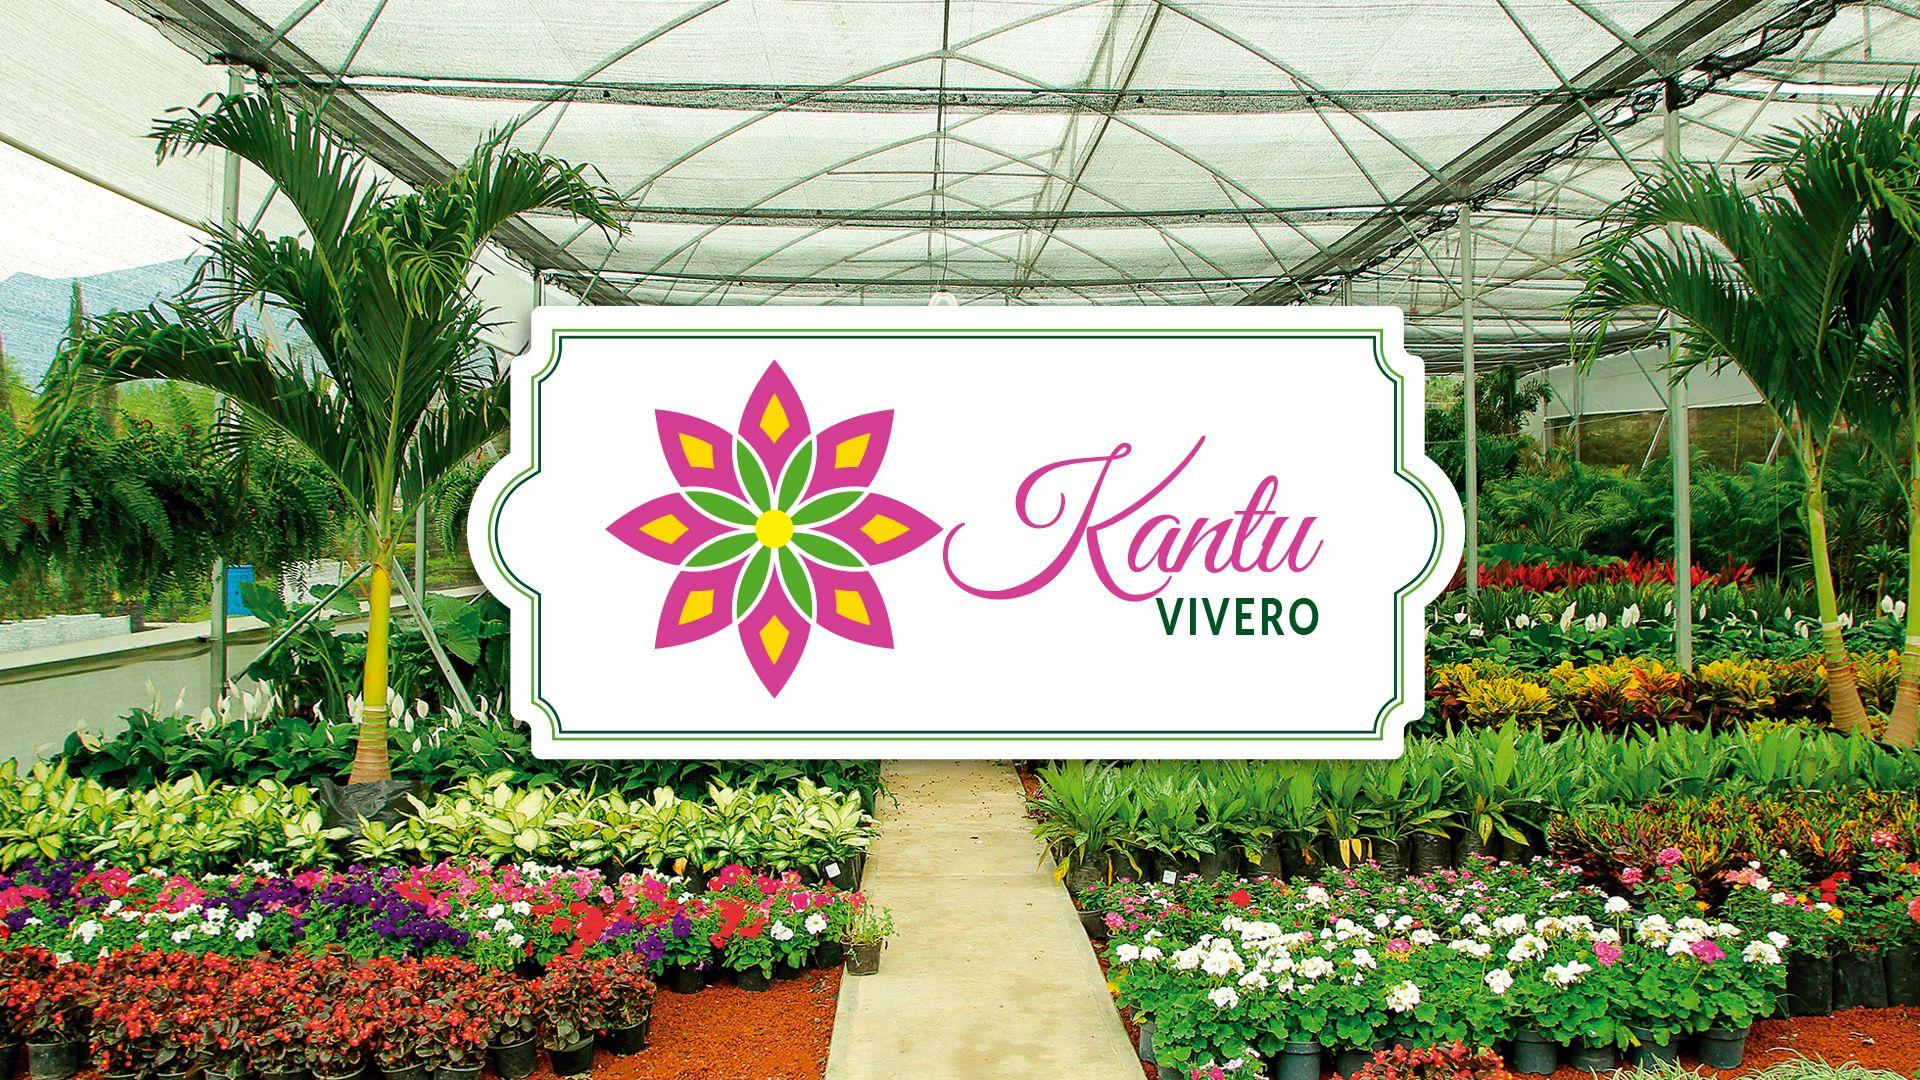 vivero kantu en lima vivero kantu en lima venta de On viveros de plantas en lima